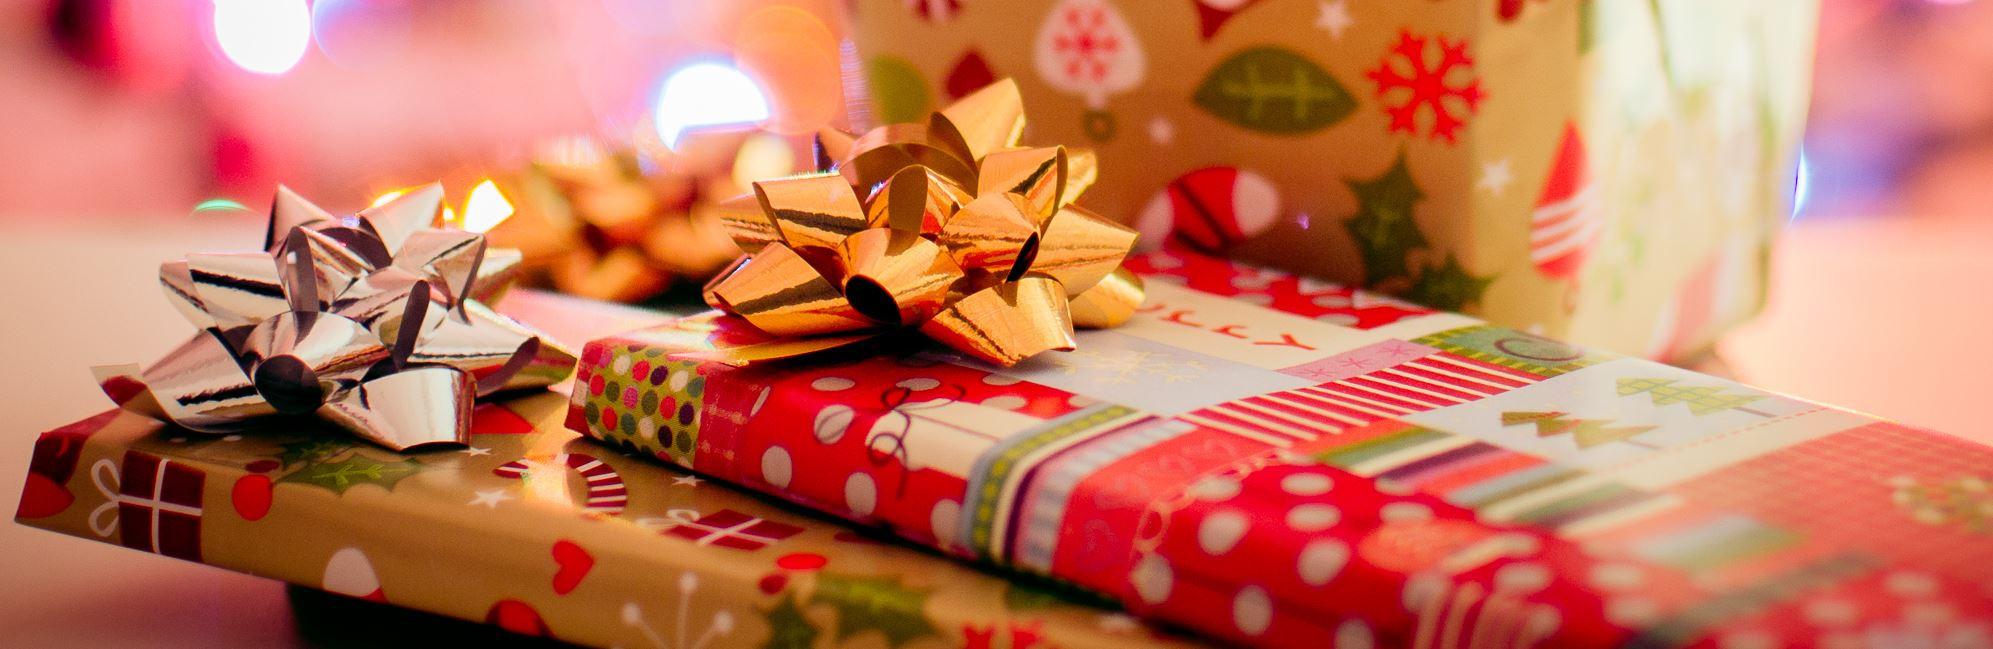 beste 20 wer bringt weihnachten die geschenke in spanien. Black Bedroom Furniture Sets. Home Design Ideas